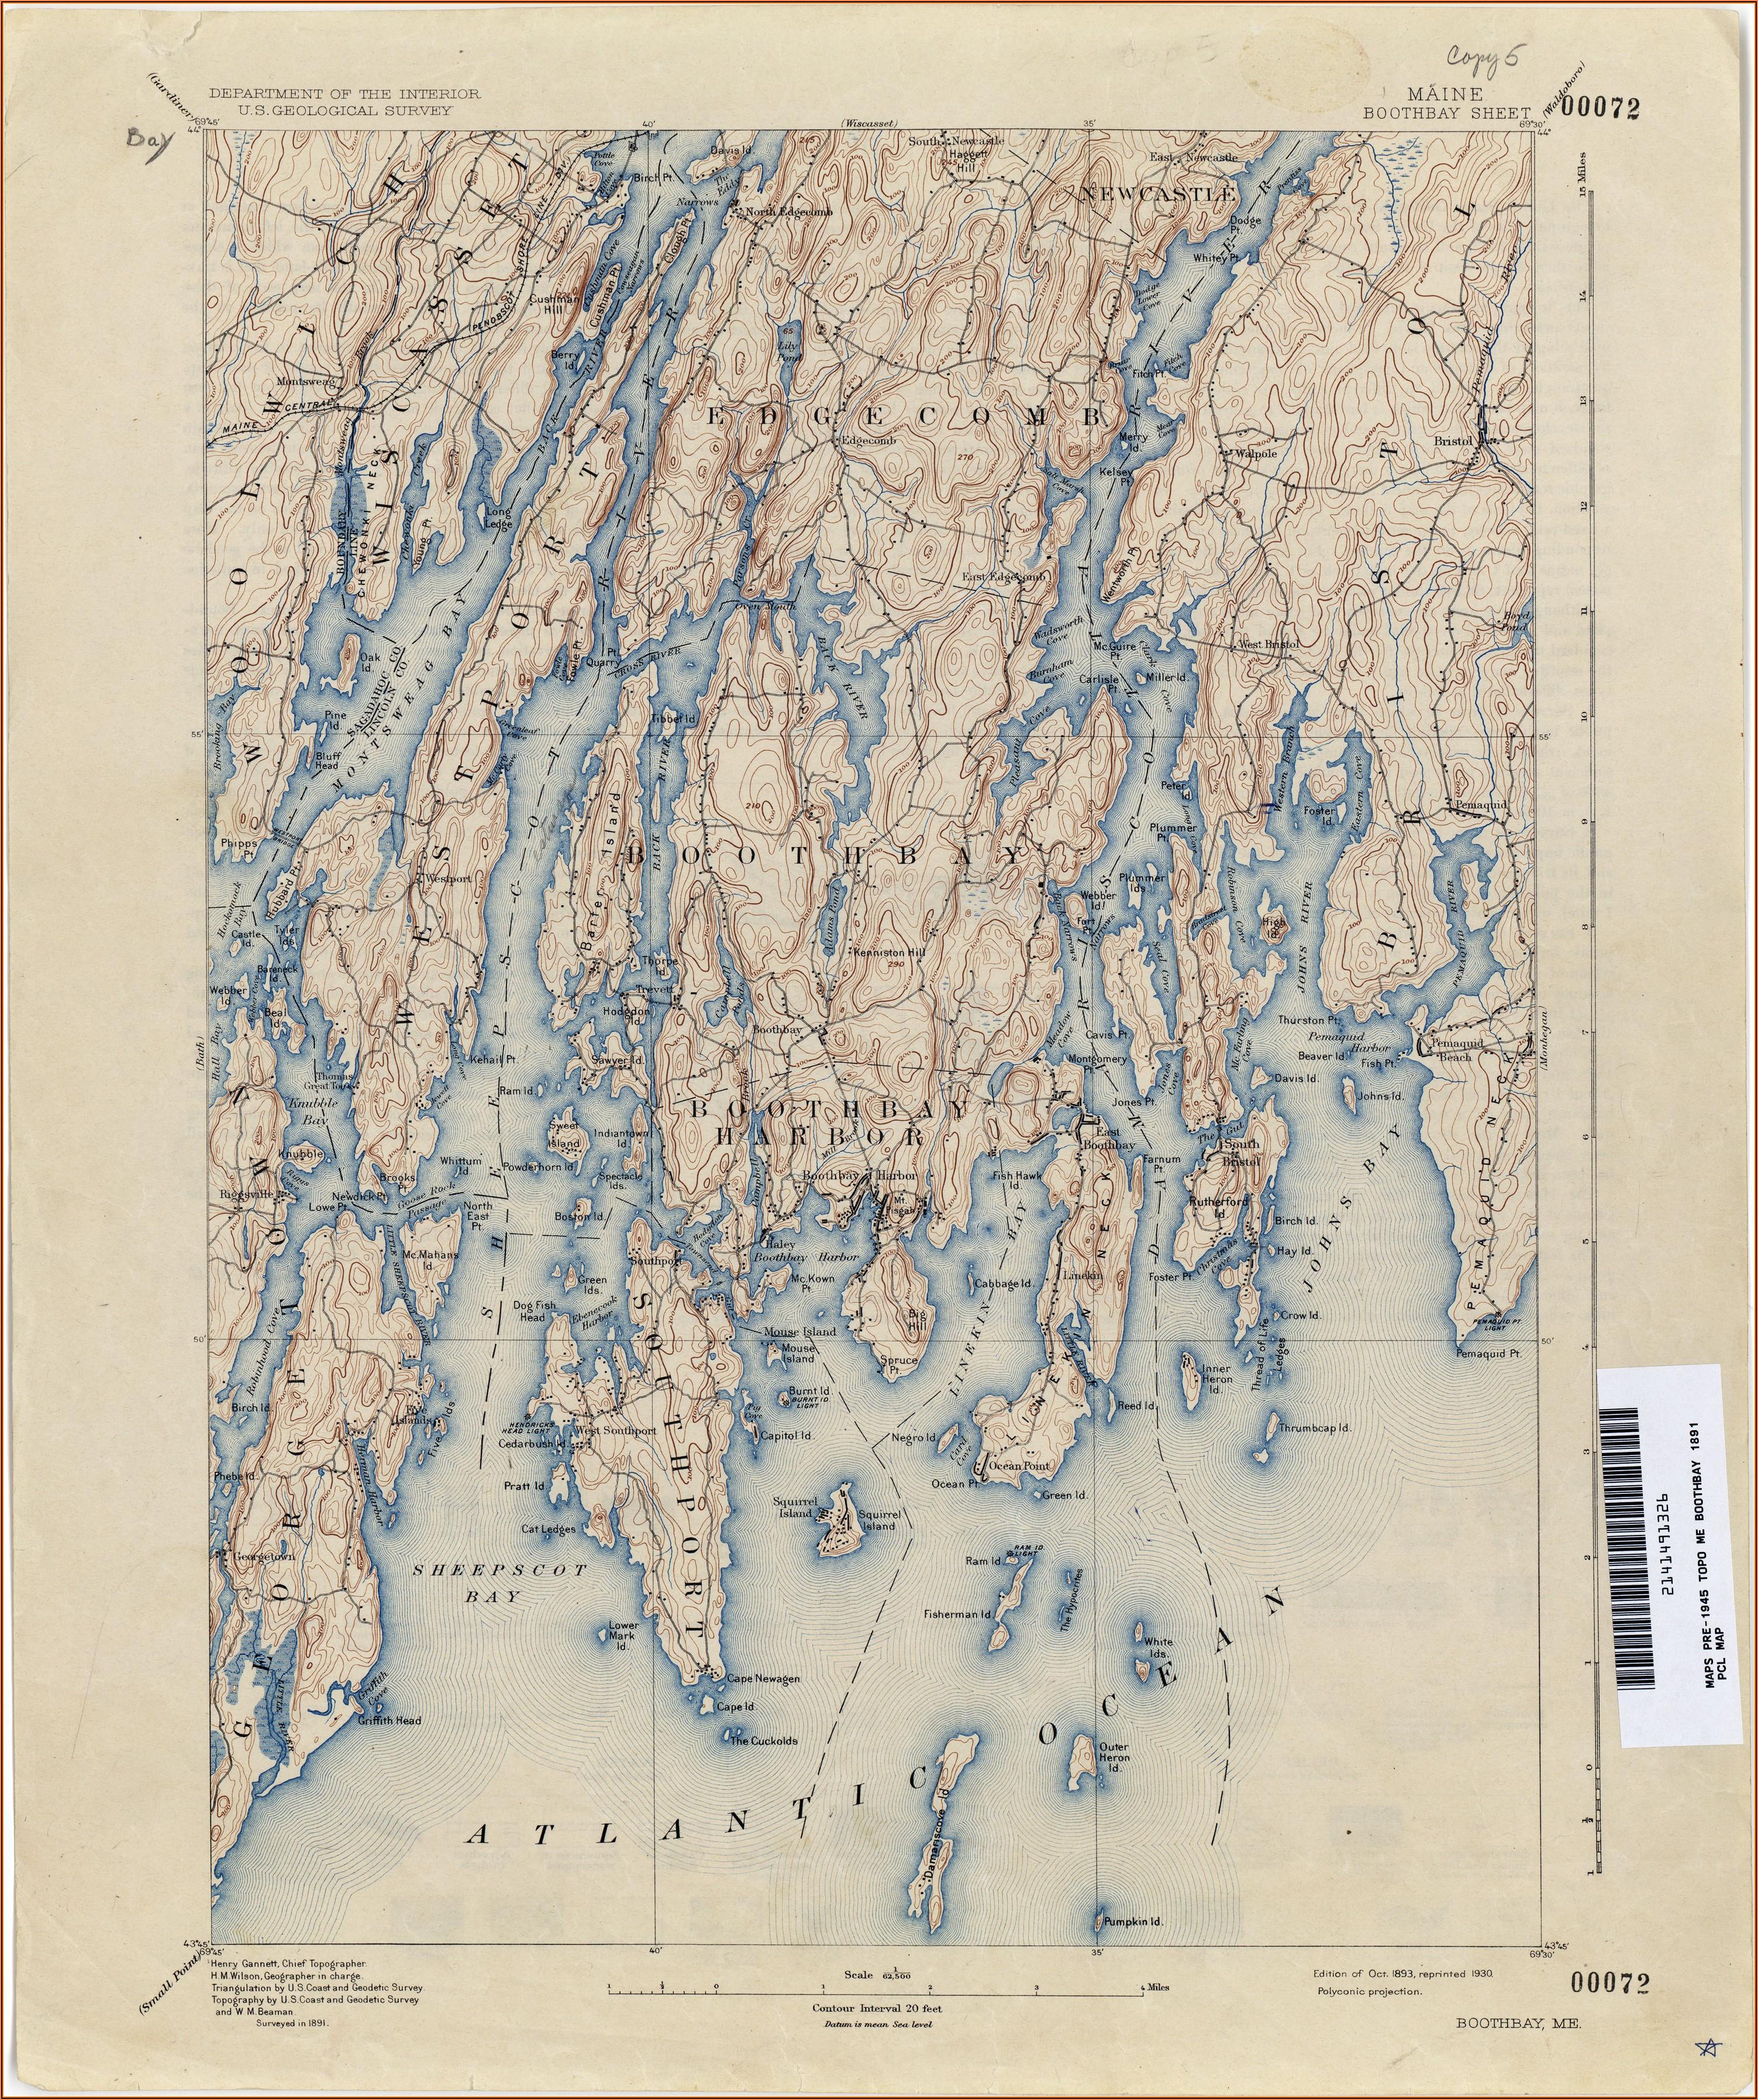 Maine Topographic Maps